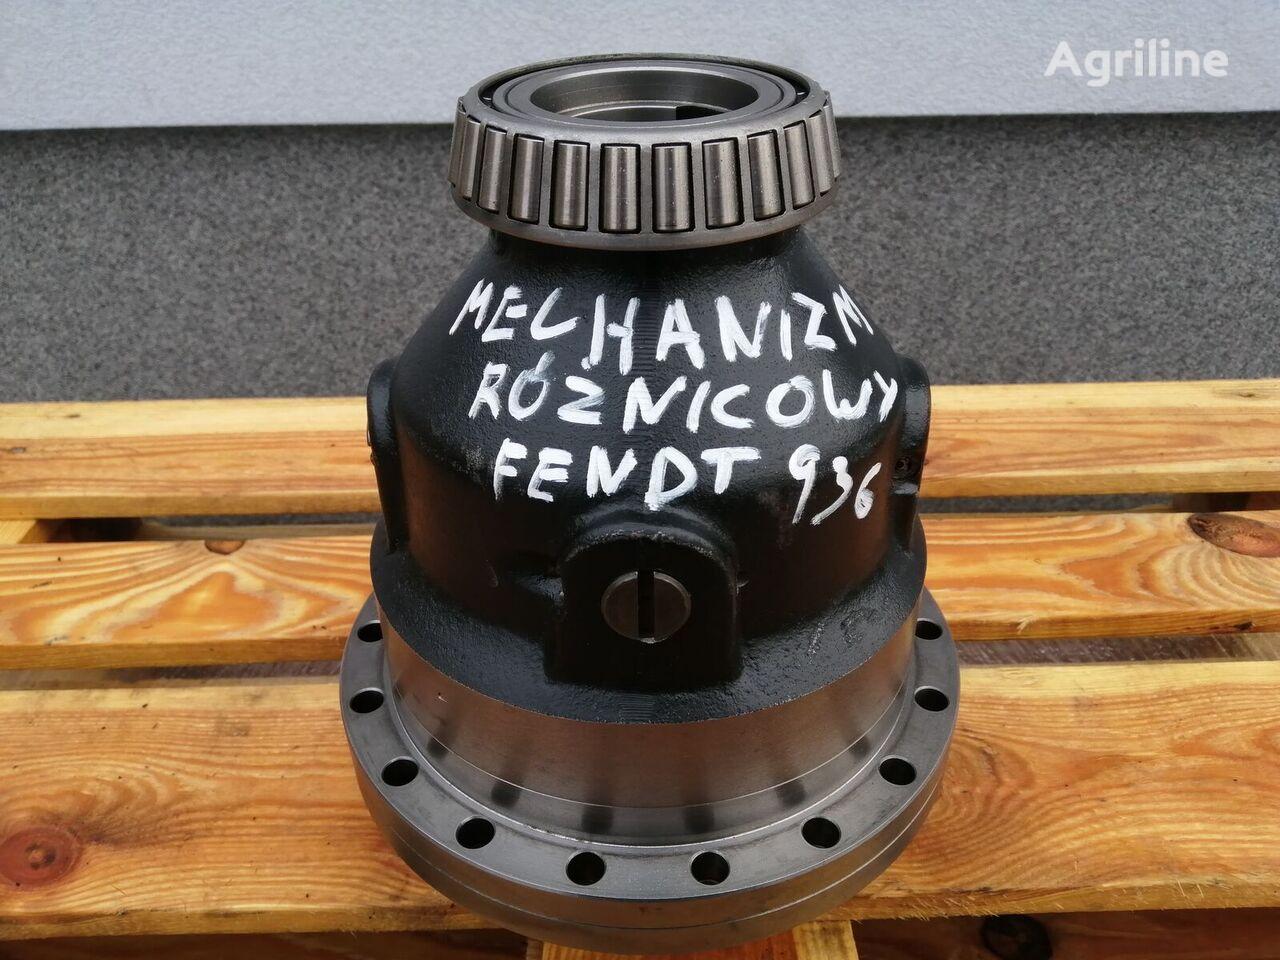 Mechanizm różnicowy Fendt 936 Vario diferencial para tractor